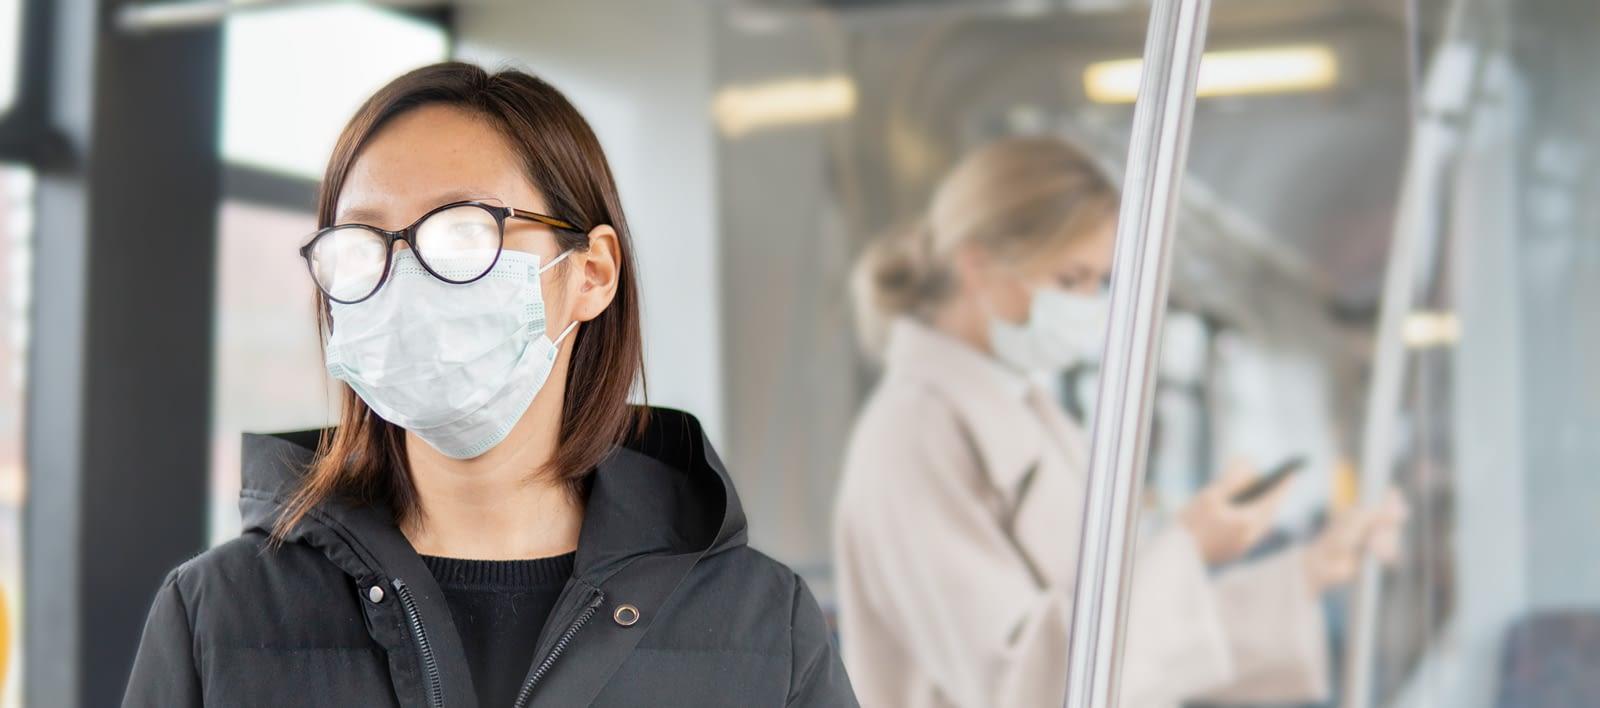 Frau mit beschlagener Brille wegen Atemschutz